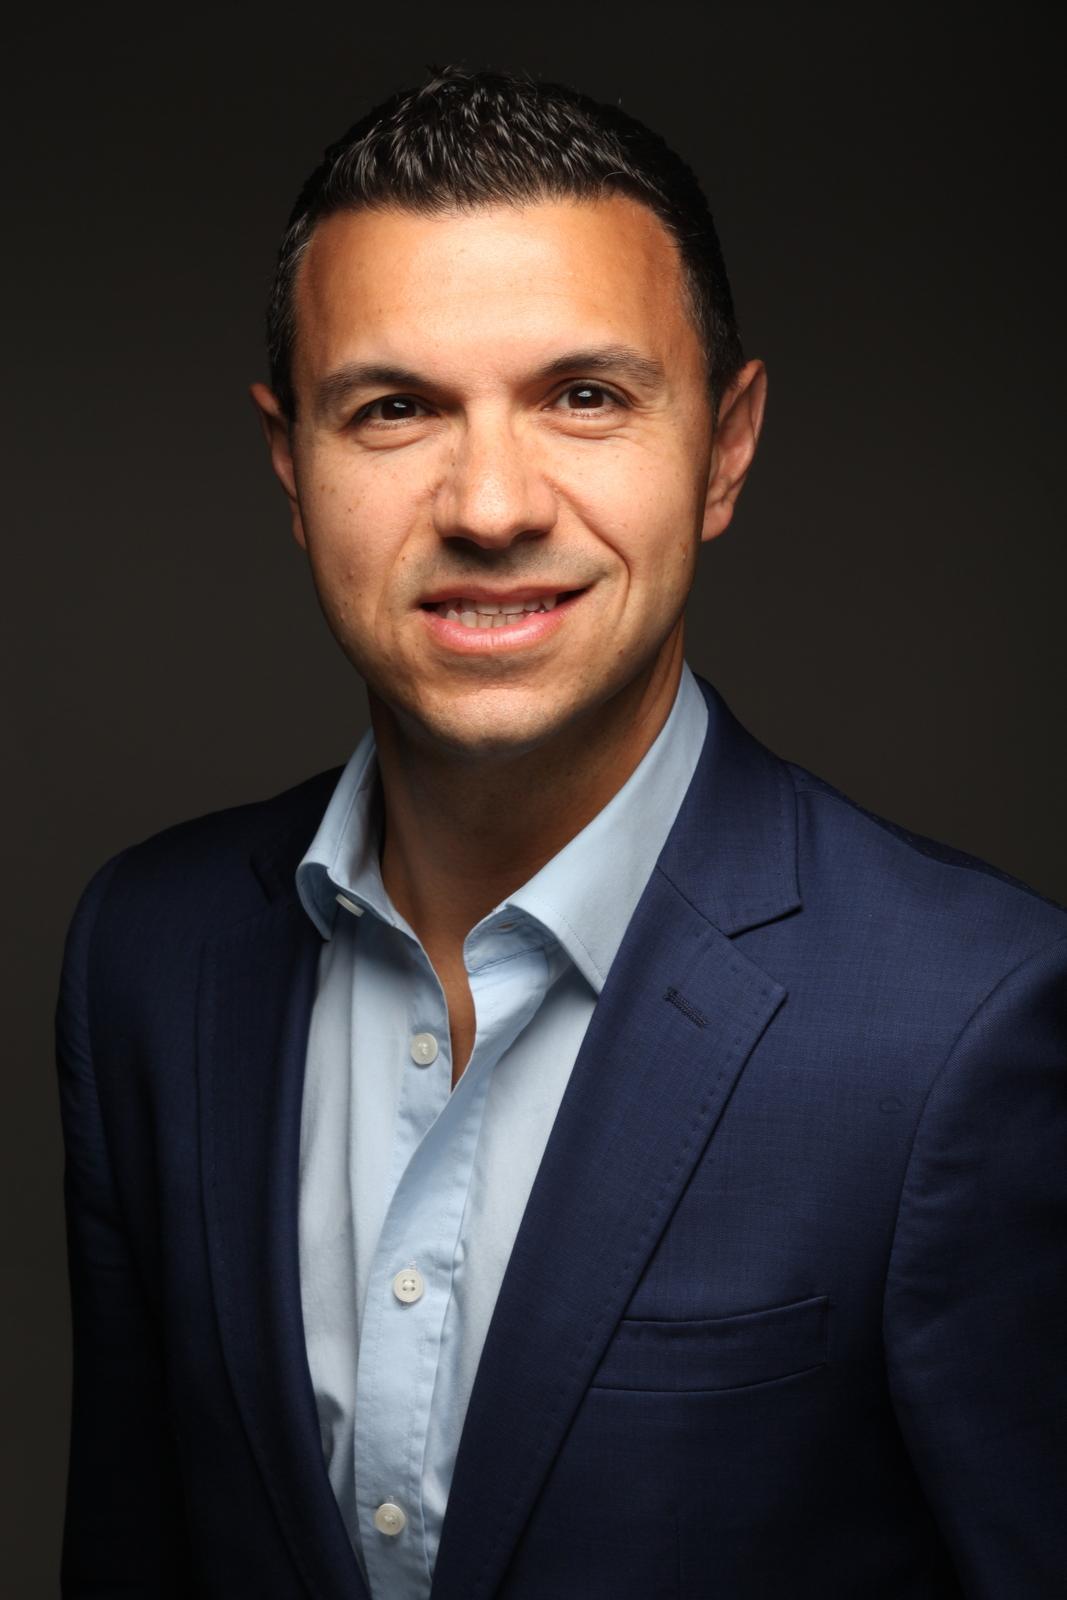 Anthony Filippis